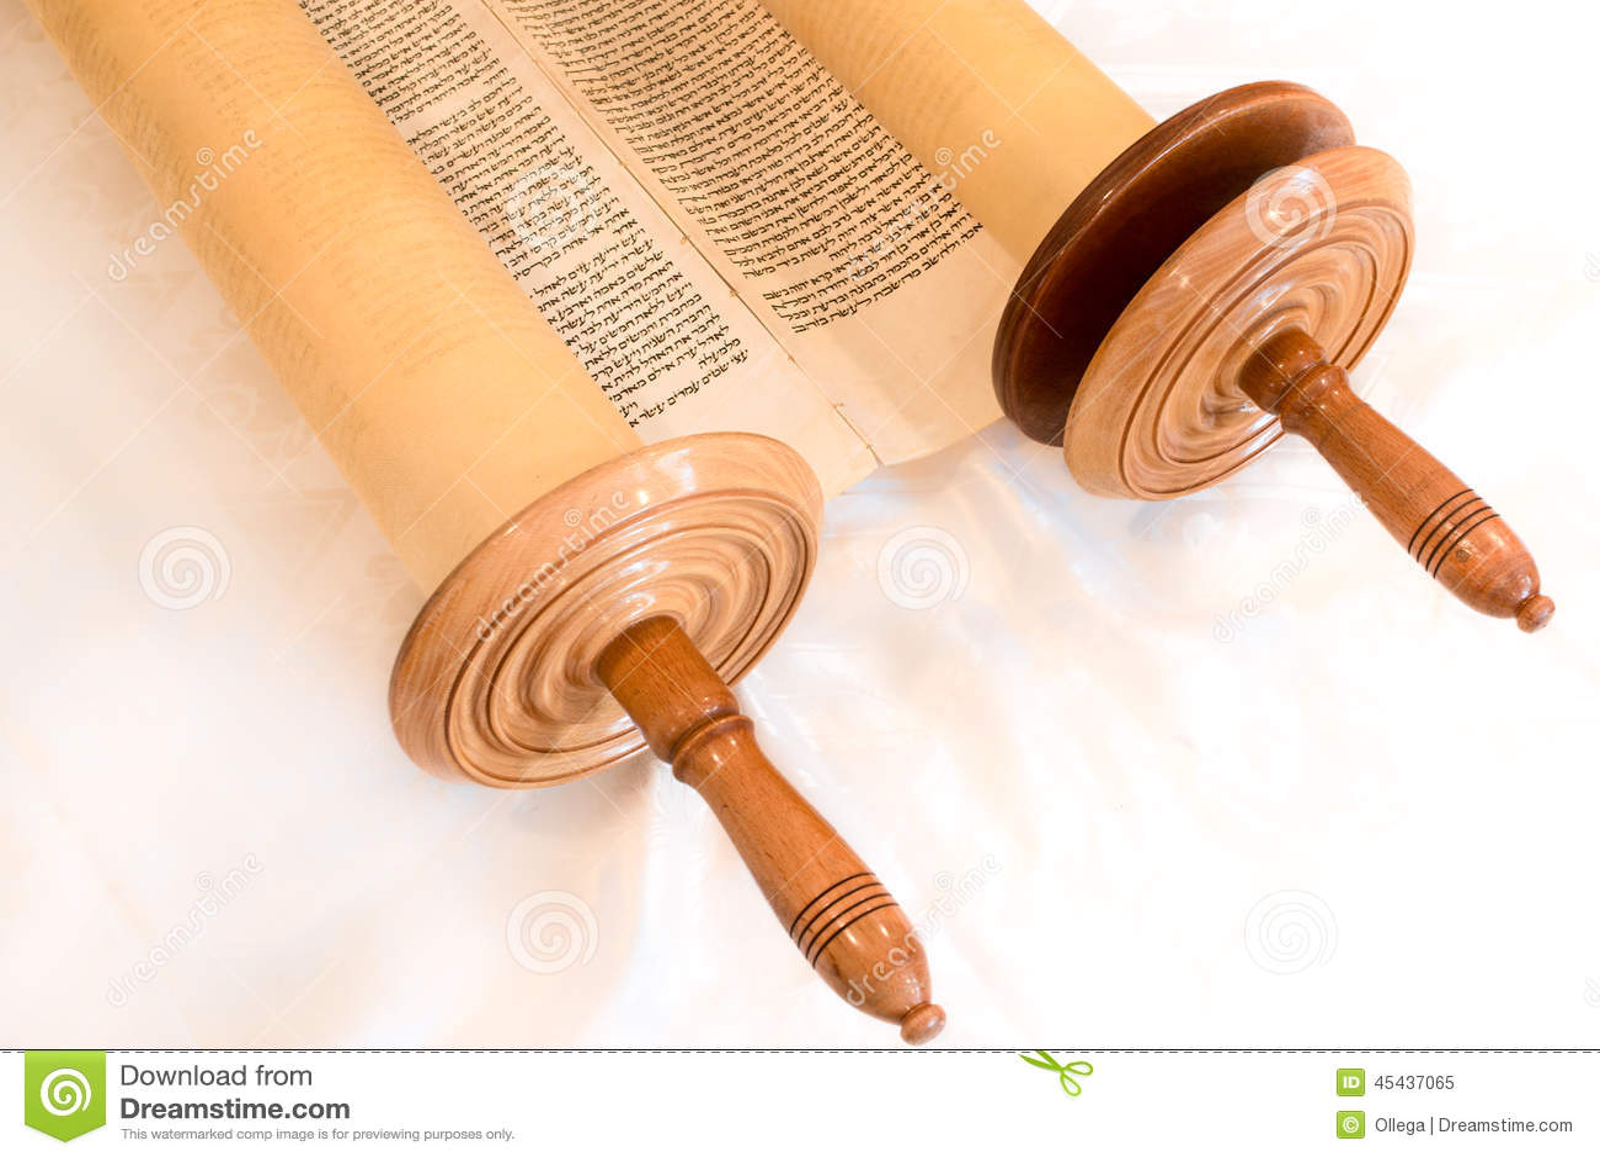 Ο εβραϊκός χειρόγραφος κύλινδρος Torah, σε μια συναγωγή αλλάζει